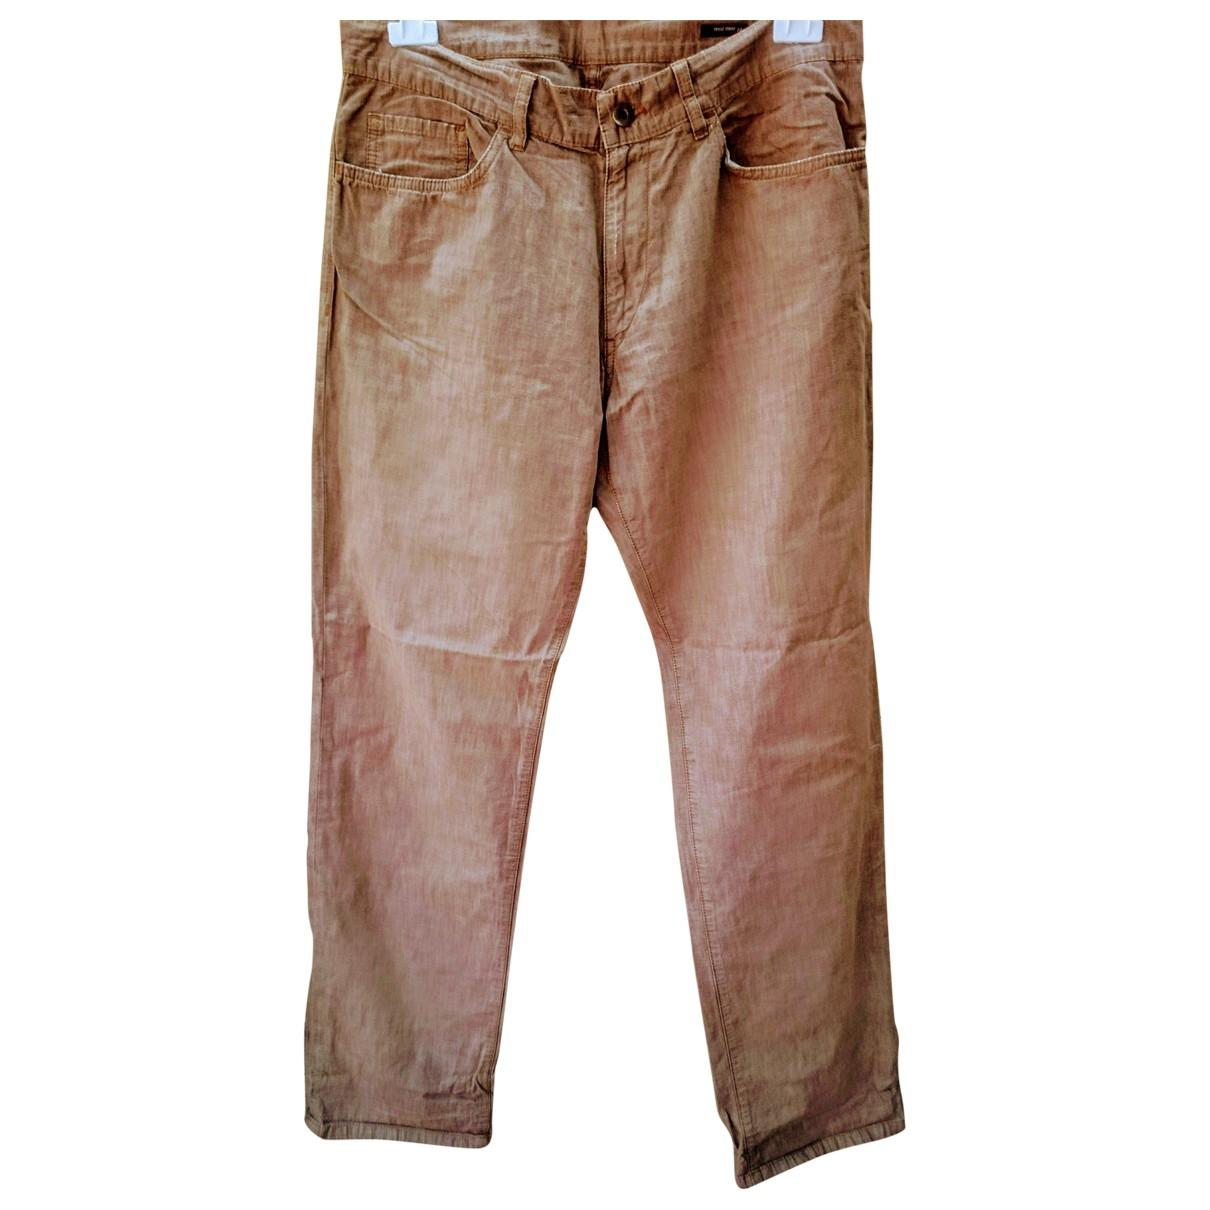 Miu Miu \N Cotton Trousers for Men 34 UK - US